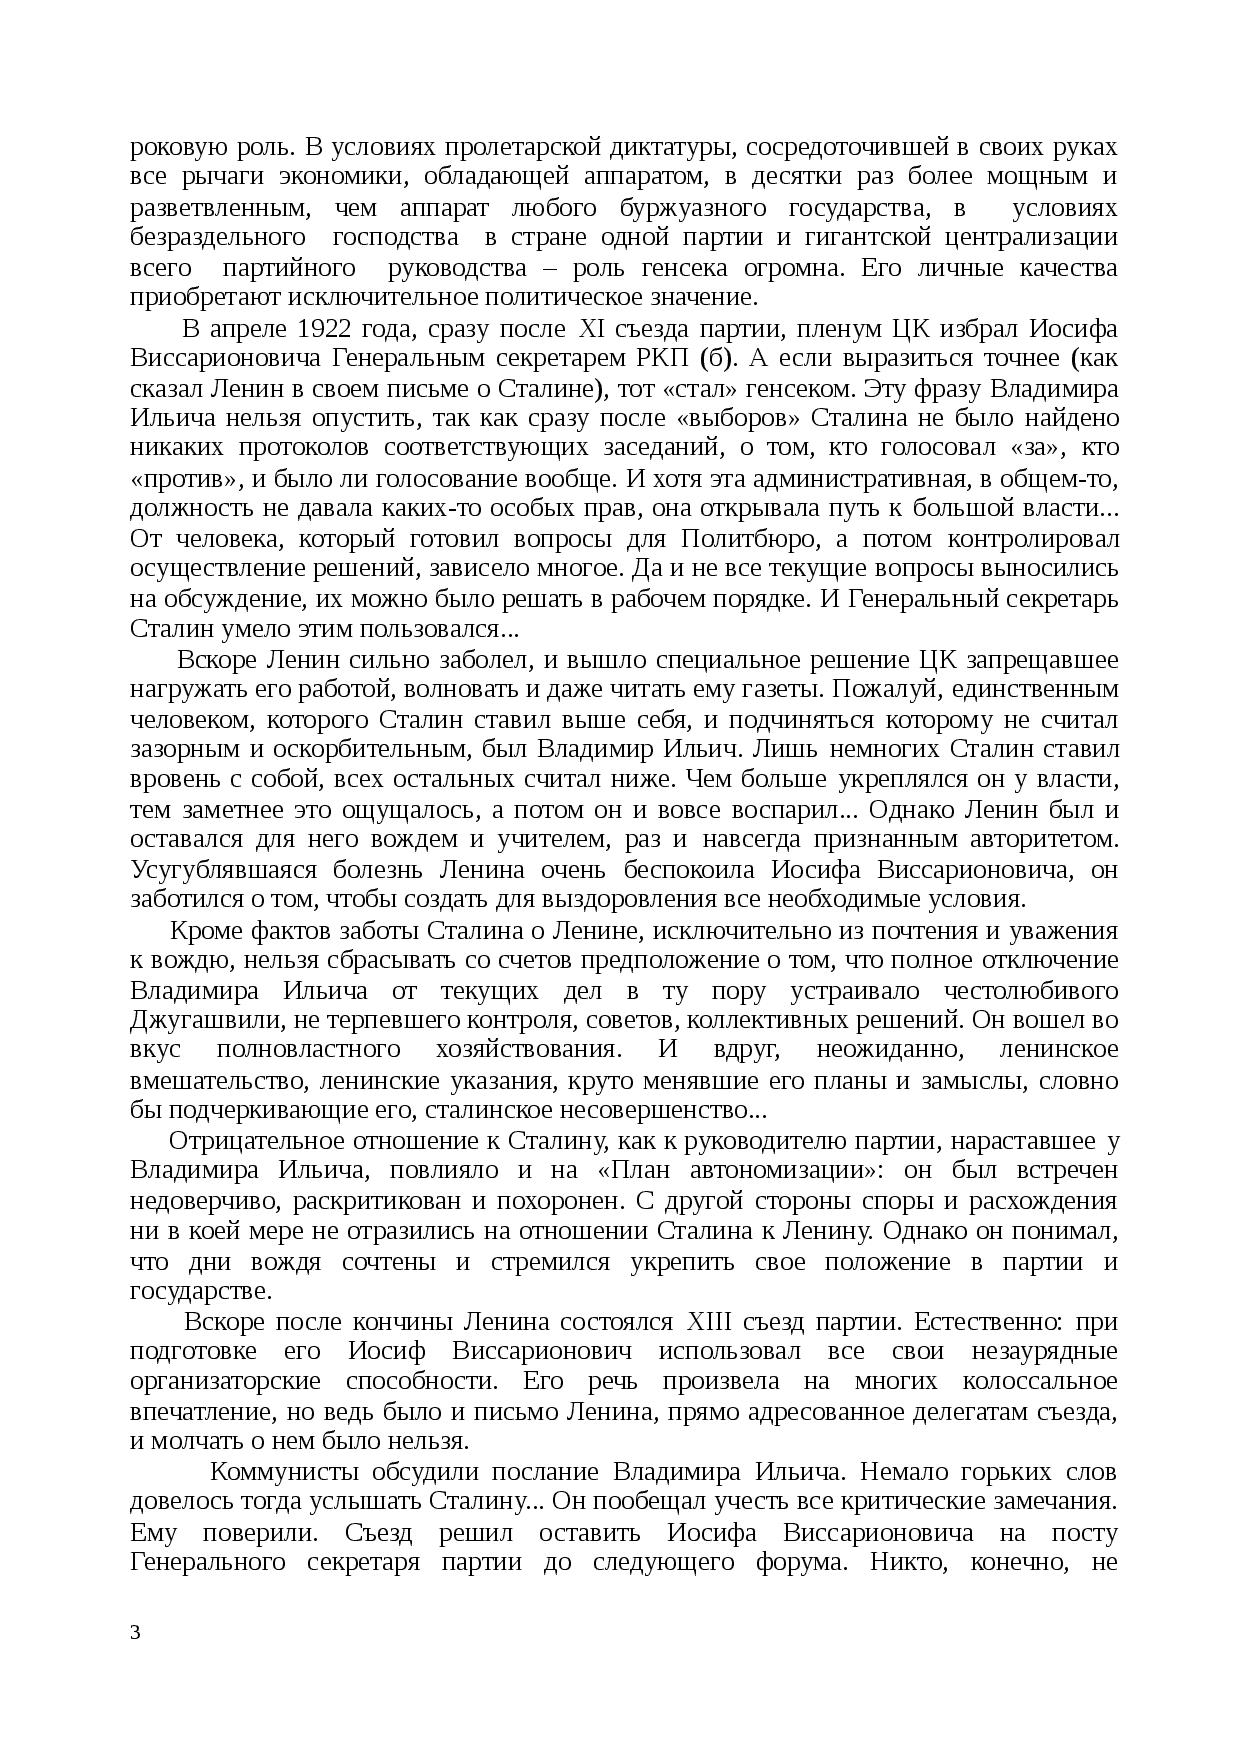 эпоха сталинизма